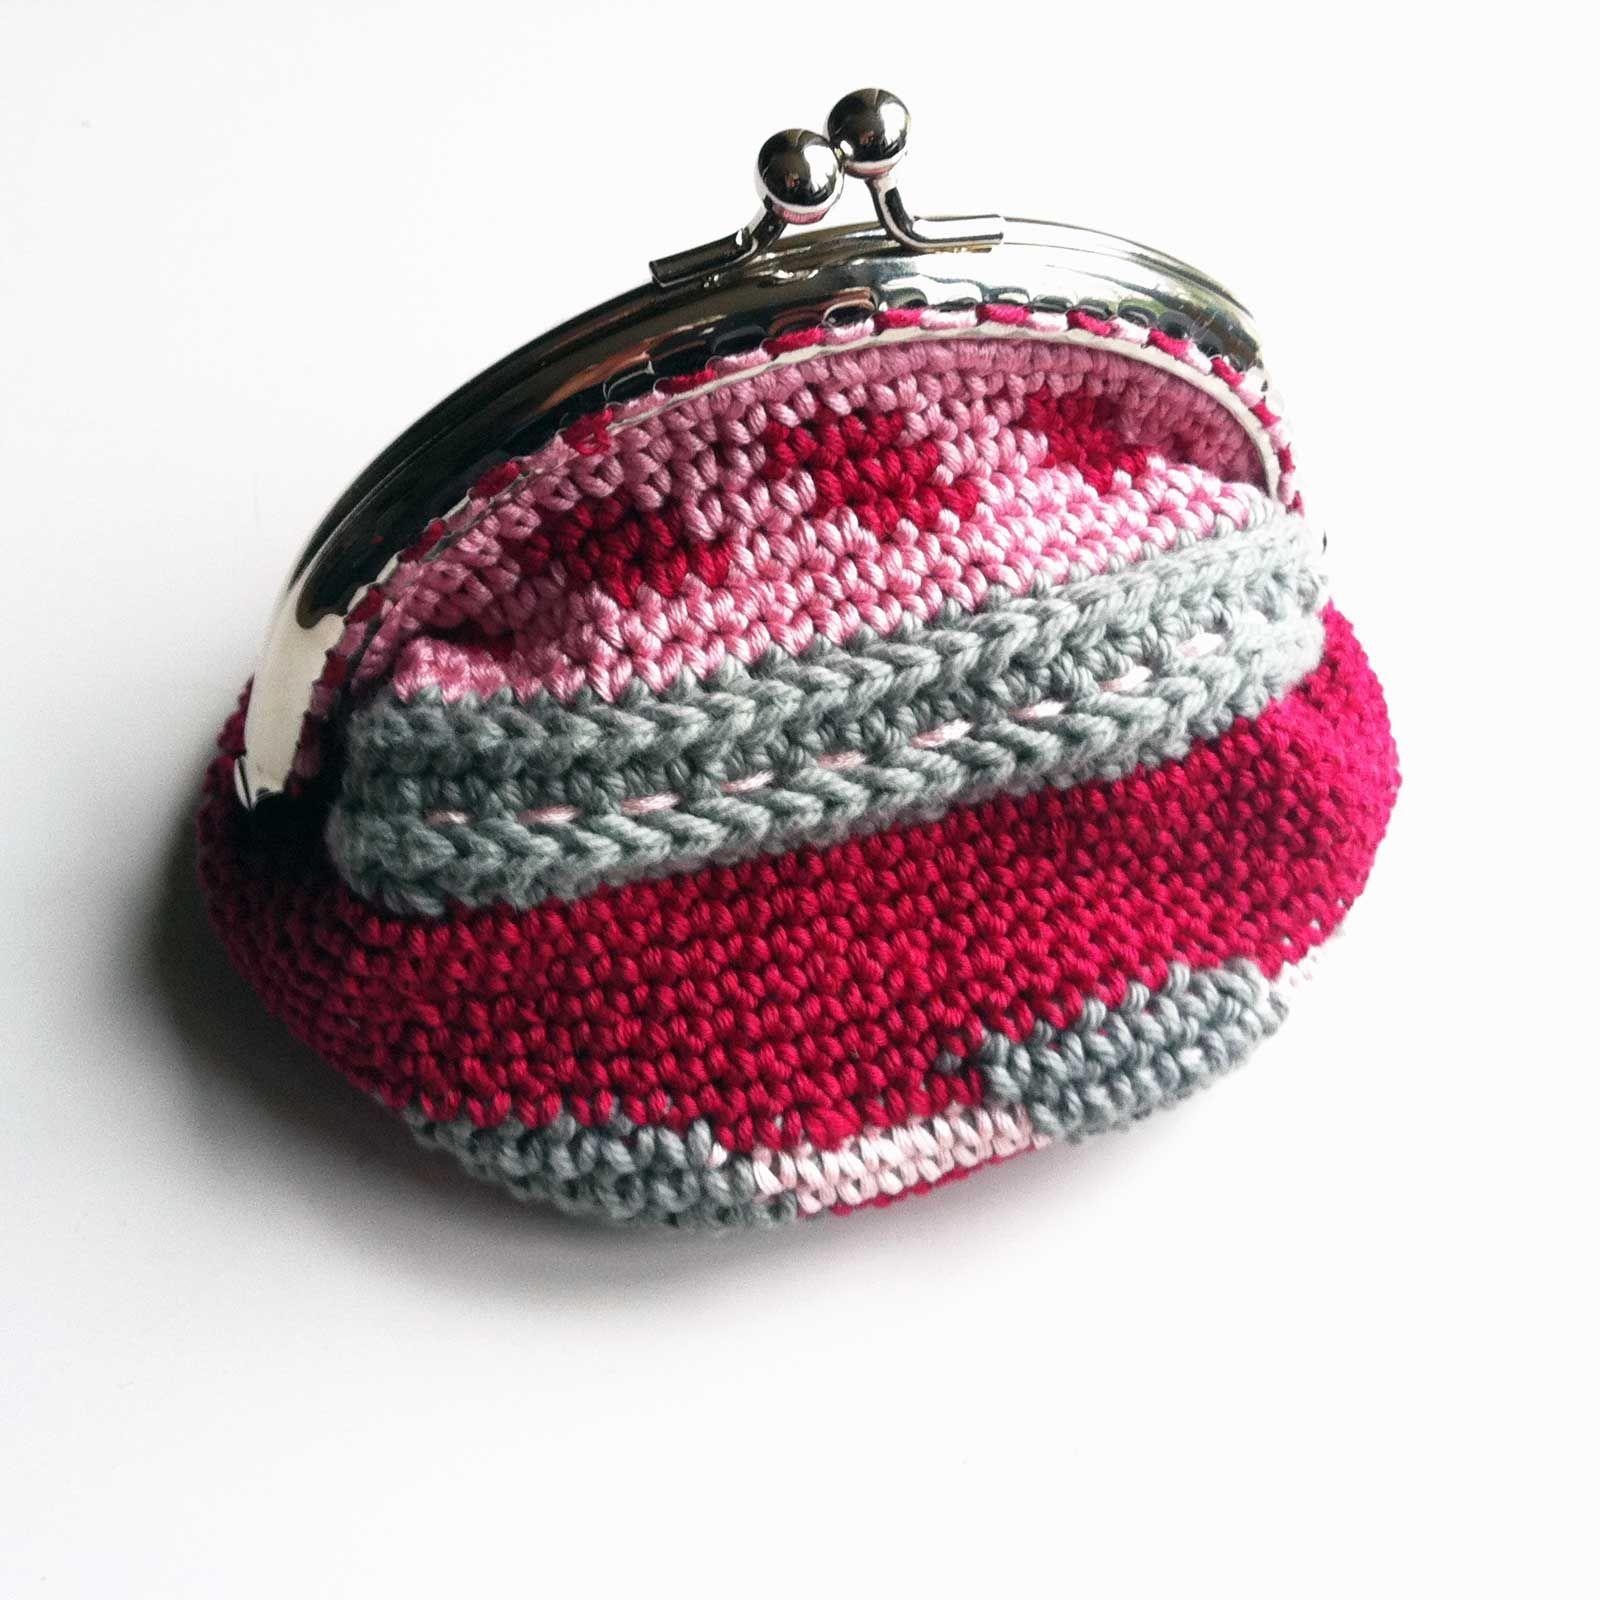 crochet coin purse #bewool | Häkeln | Pinterest | Geldbörse, Häkeln ...